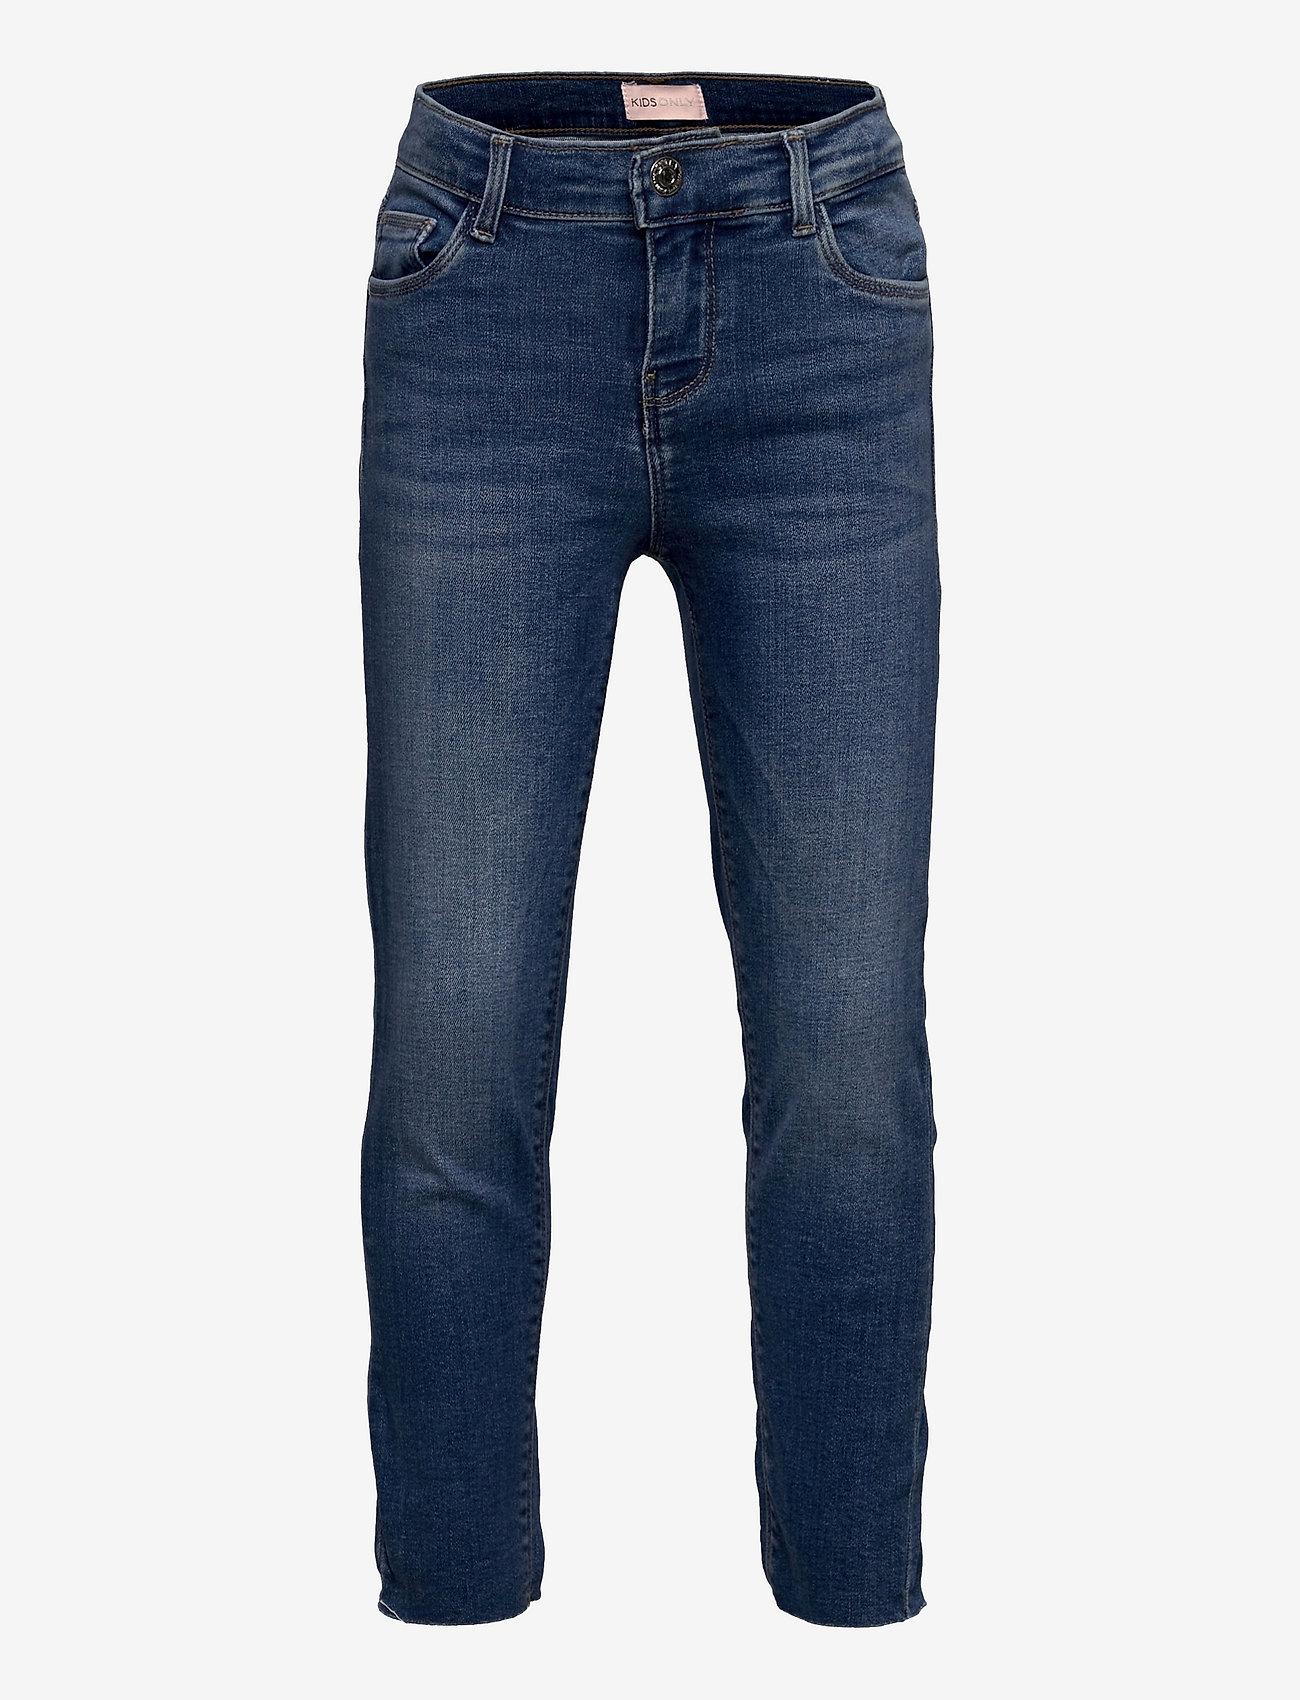 Kids Only - KONEMILY ST RAW  MED BLUE JEANS - jeans - medium blue denim - 0